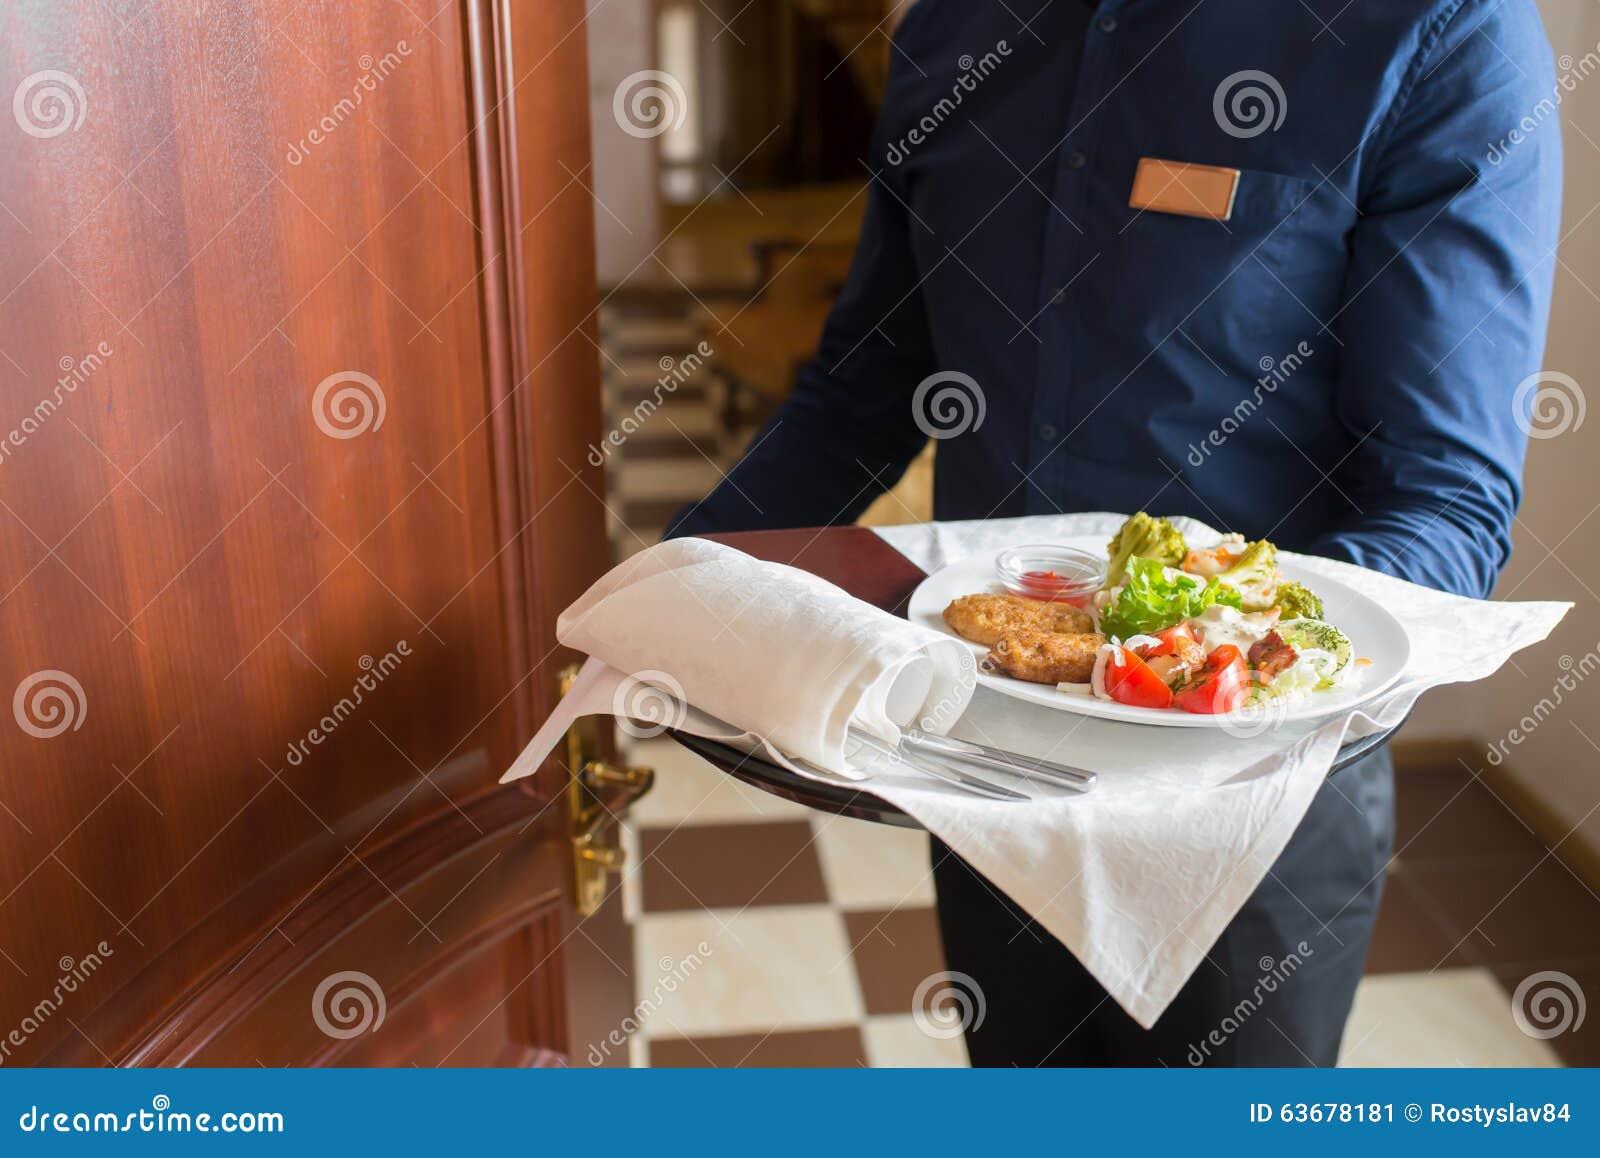 Il cameriere ha portato la prima colazione immagine stock for La colazione ha il tuo sorriso